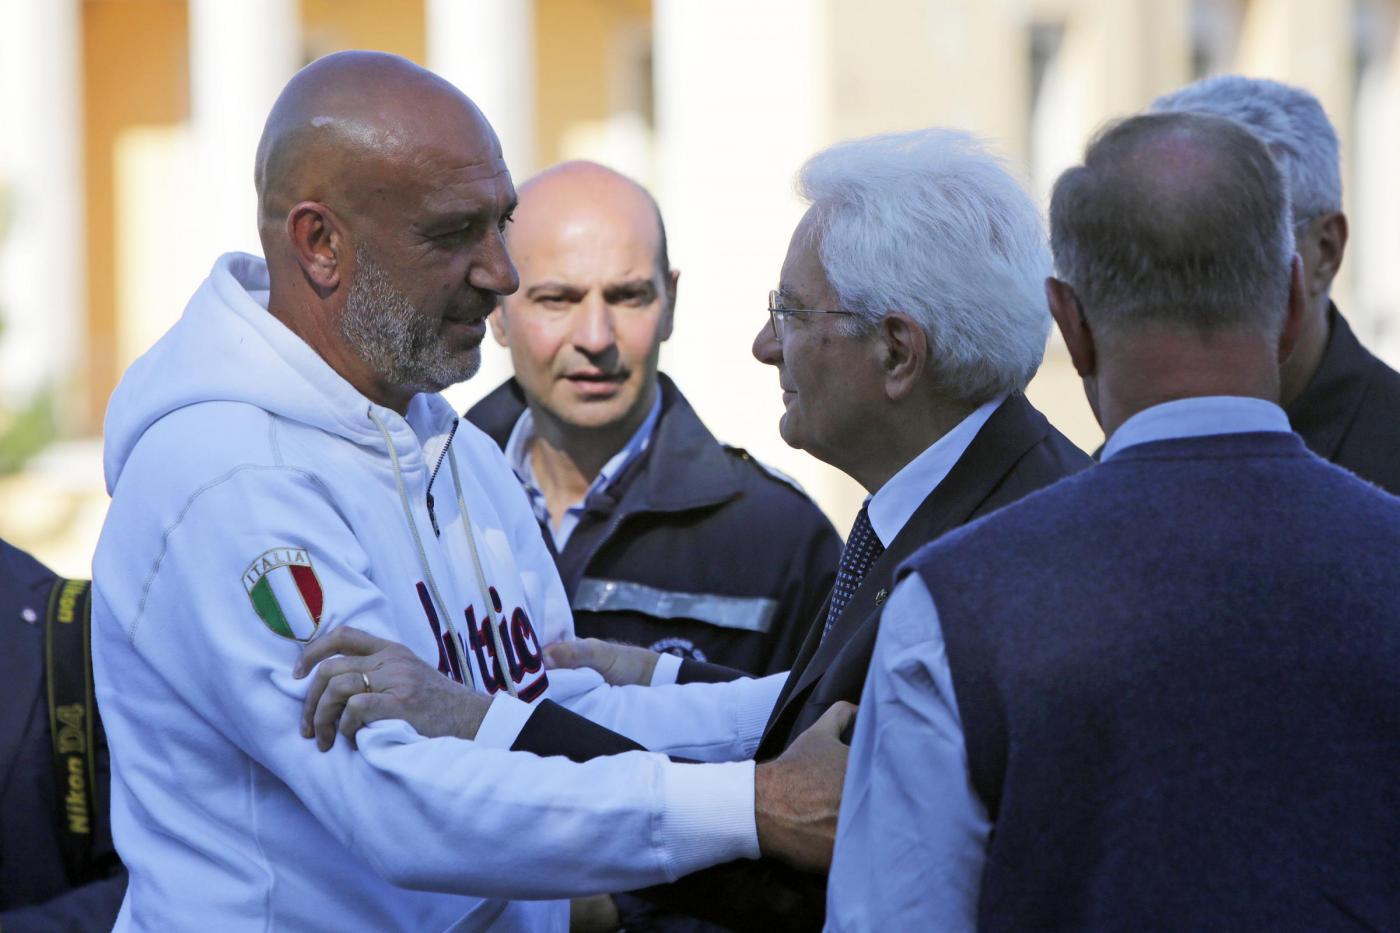 Terremoto in centro Italia: il Presidente Mattarella in visita ad Amatrice